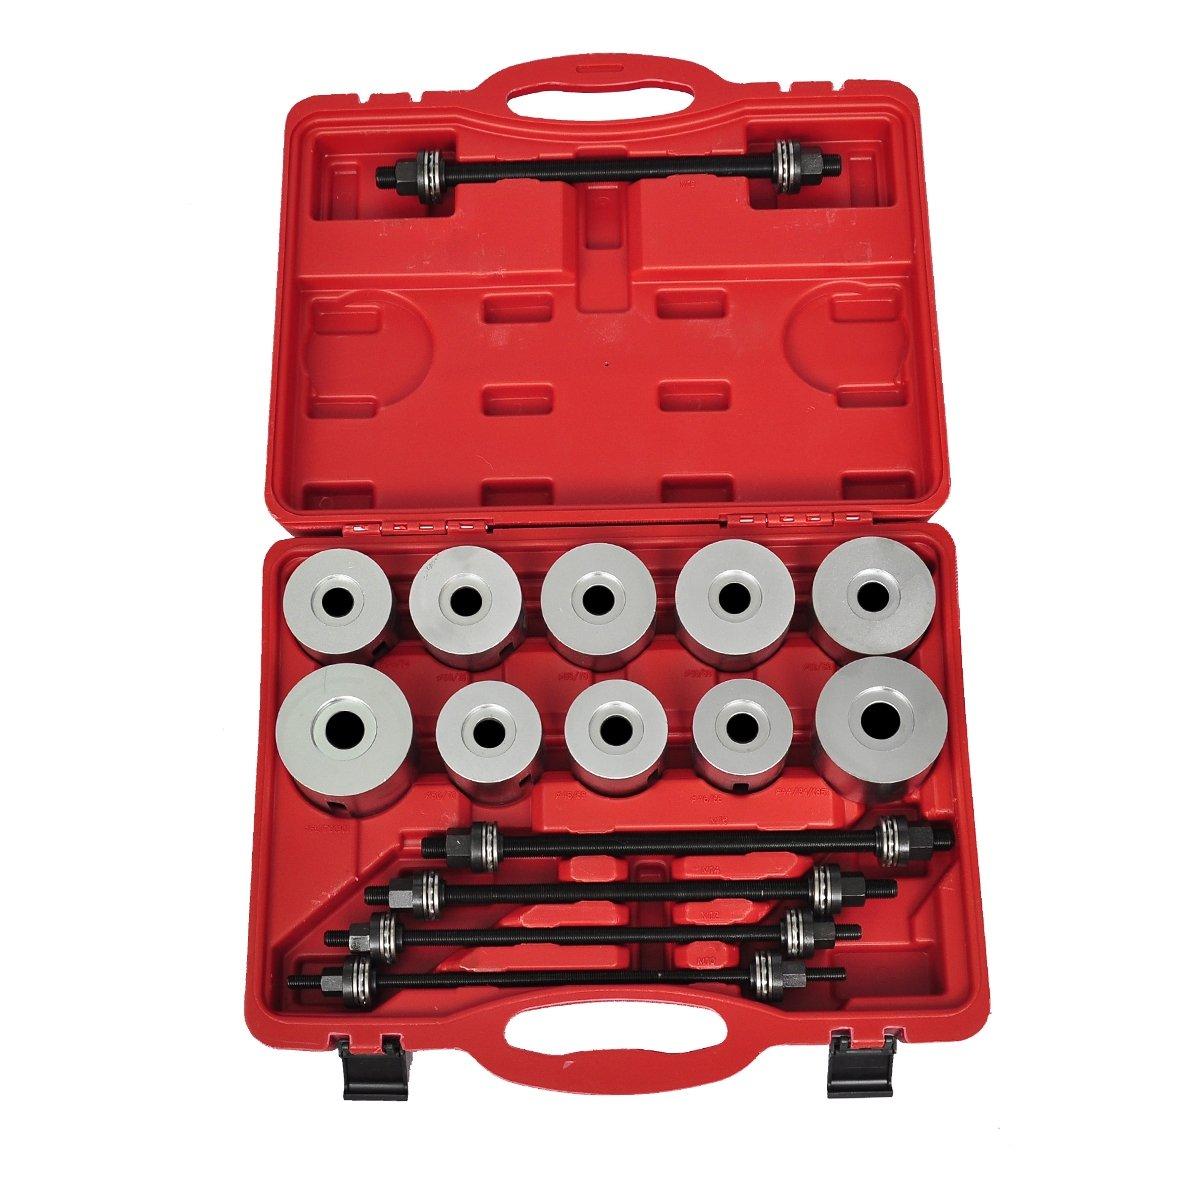 VidaXL-Presswerkzeug - Silentlager - 210116 - Montage-Werkzeug-Set - 27-teilig